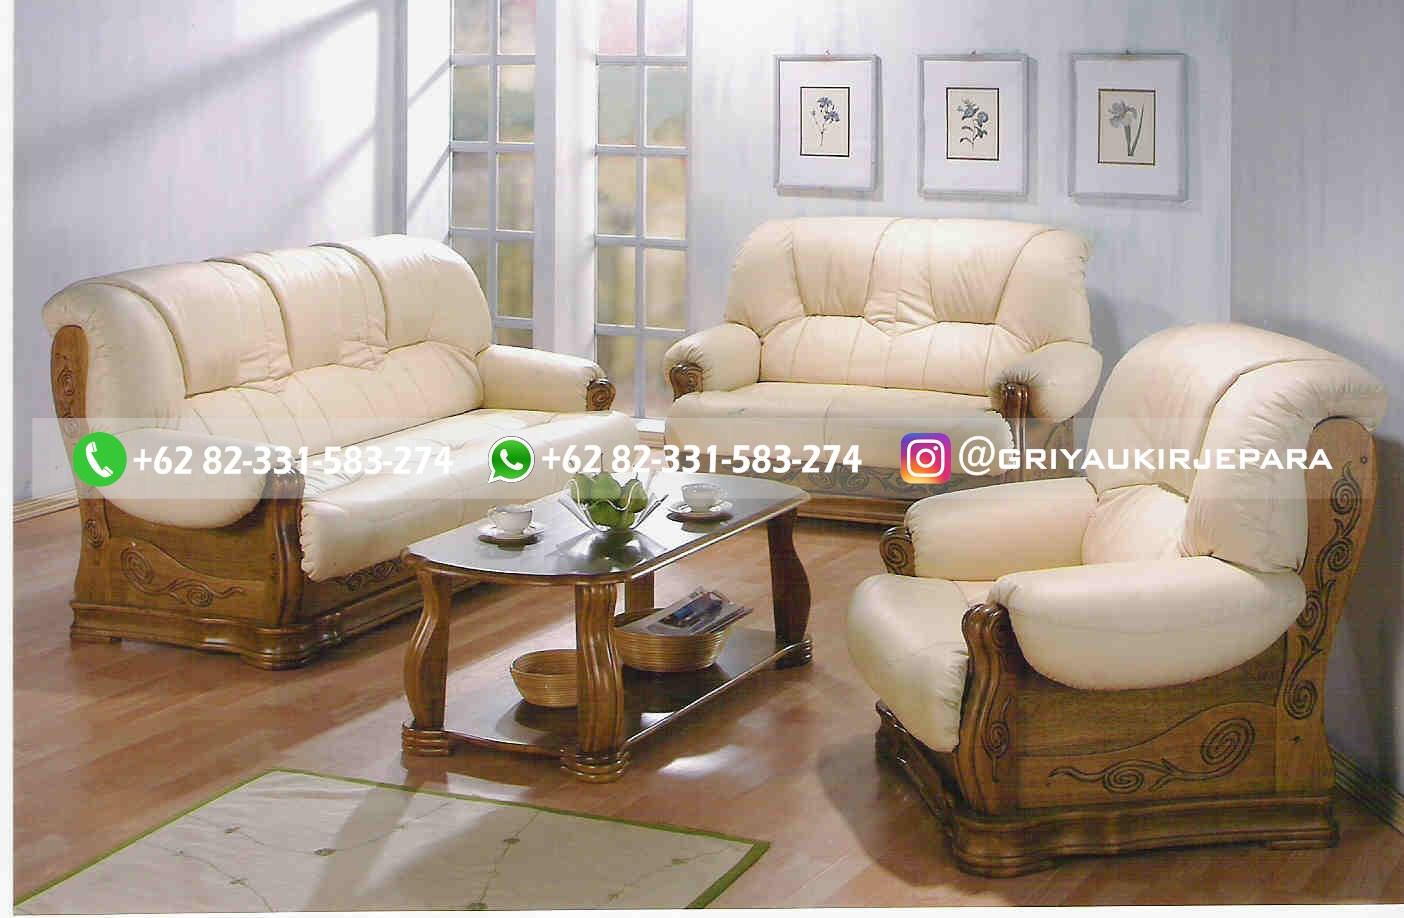 sofa ruang tamu jati mewah griya ukir jepara 123 - 100+ Model Sofa Ruang Tamu Jati Mewah